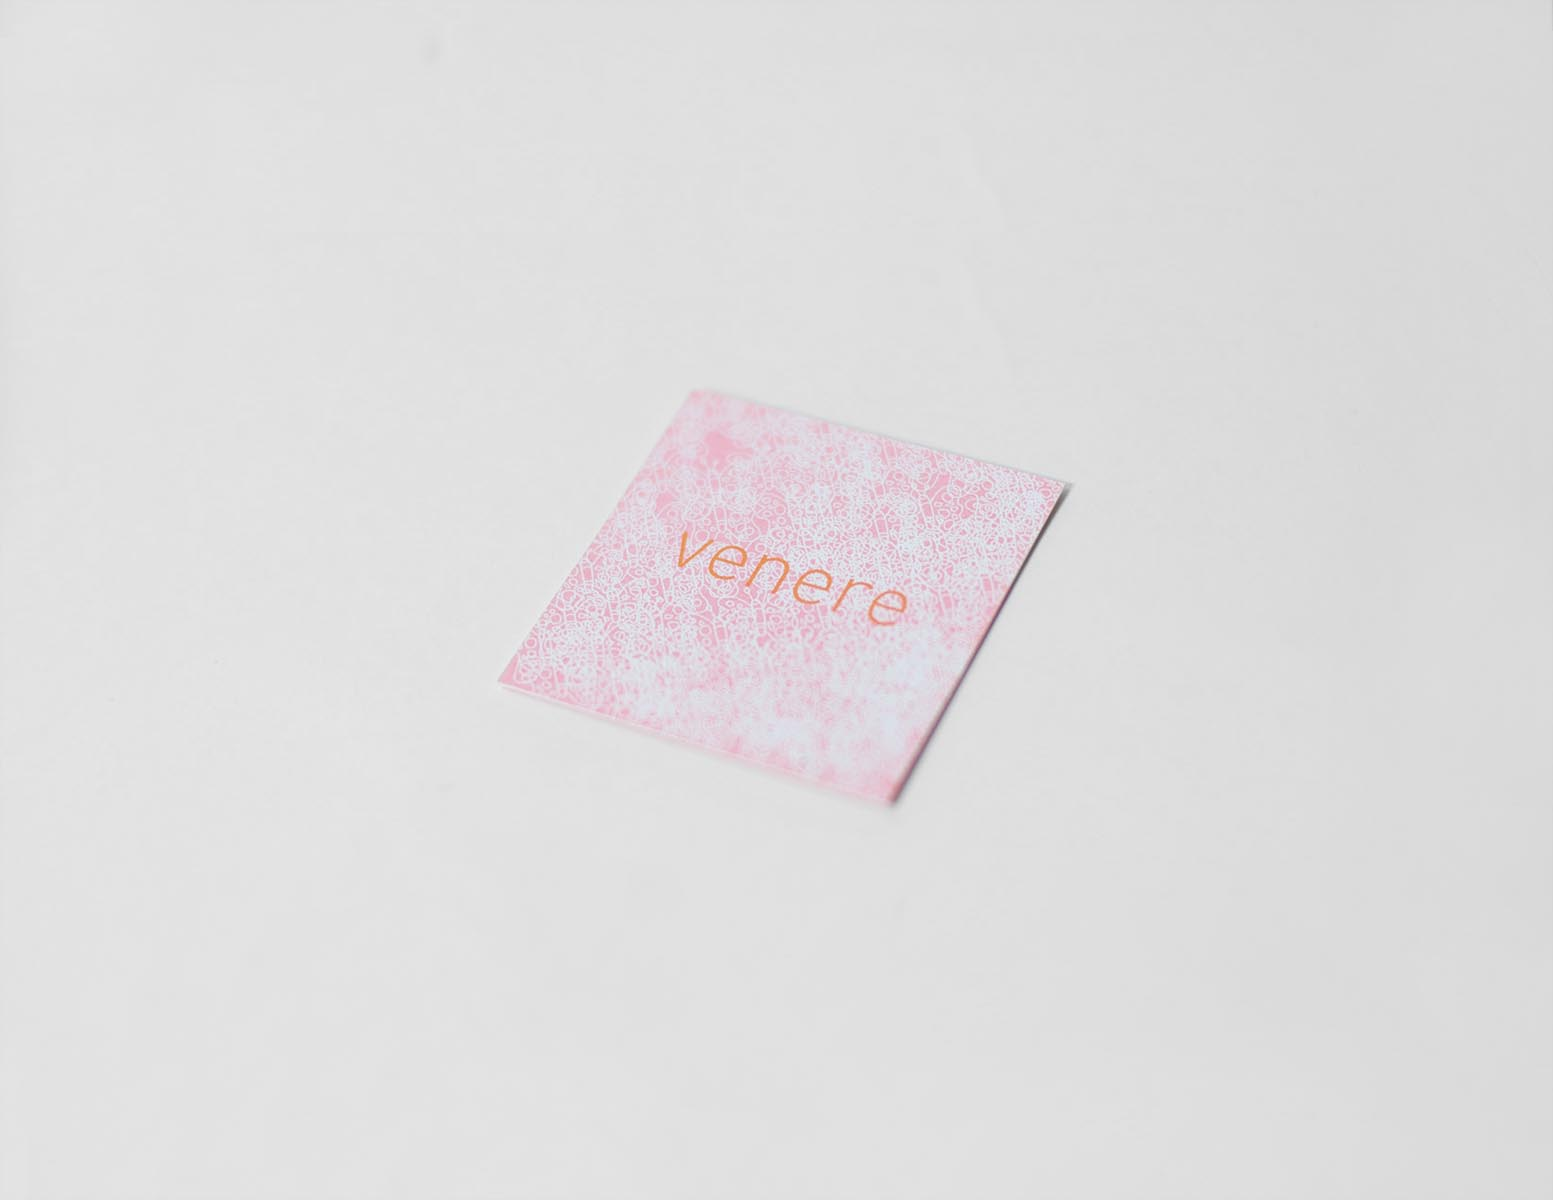 Venere_06.jpg